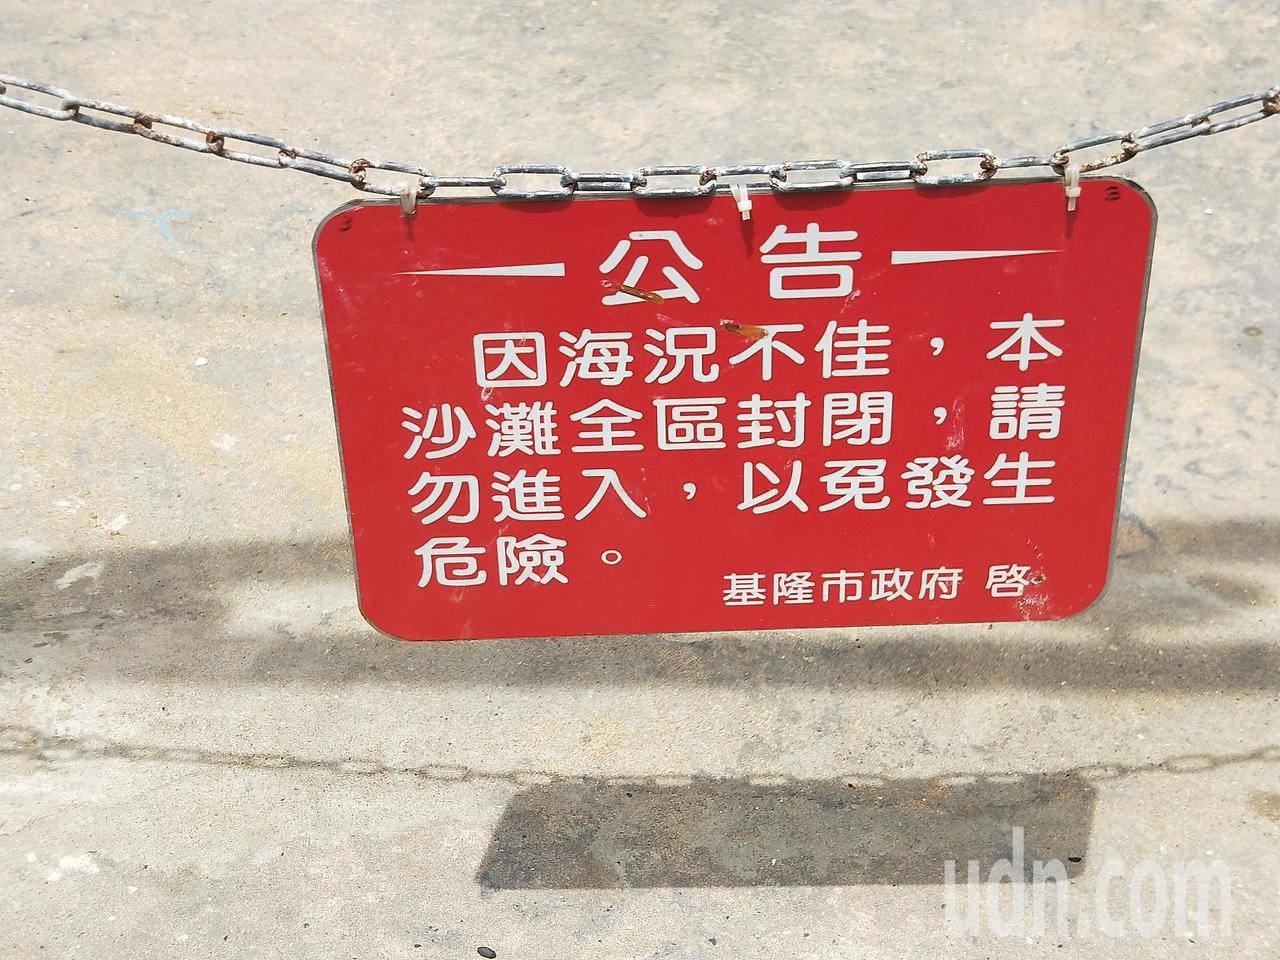 基隆大武崙沙灘颱風過後浪大,今天仍封閉。 記者游明煌/攝影